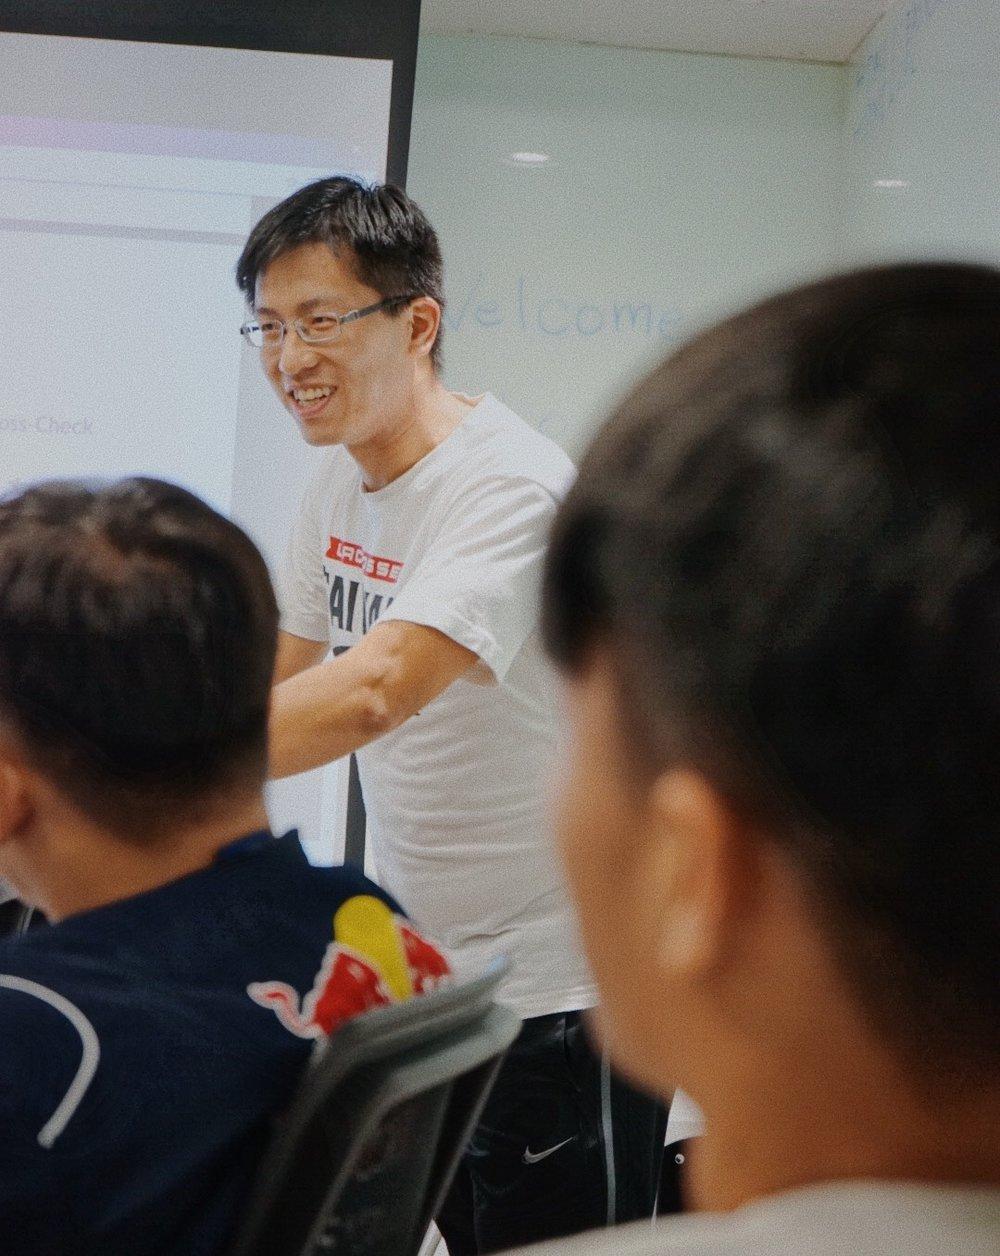 香港棍網球總會總裁判長 — —鄭智豐。